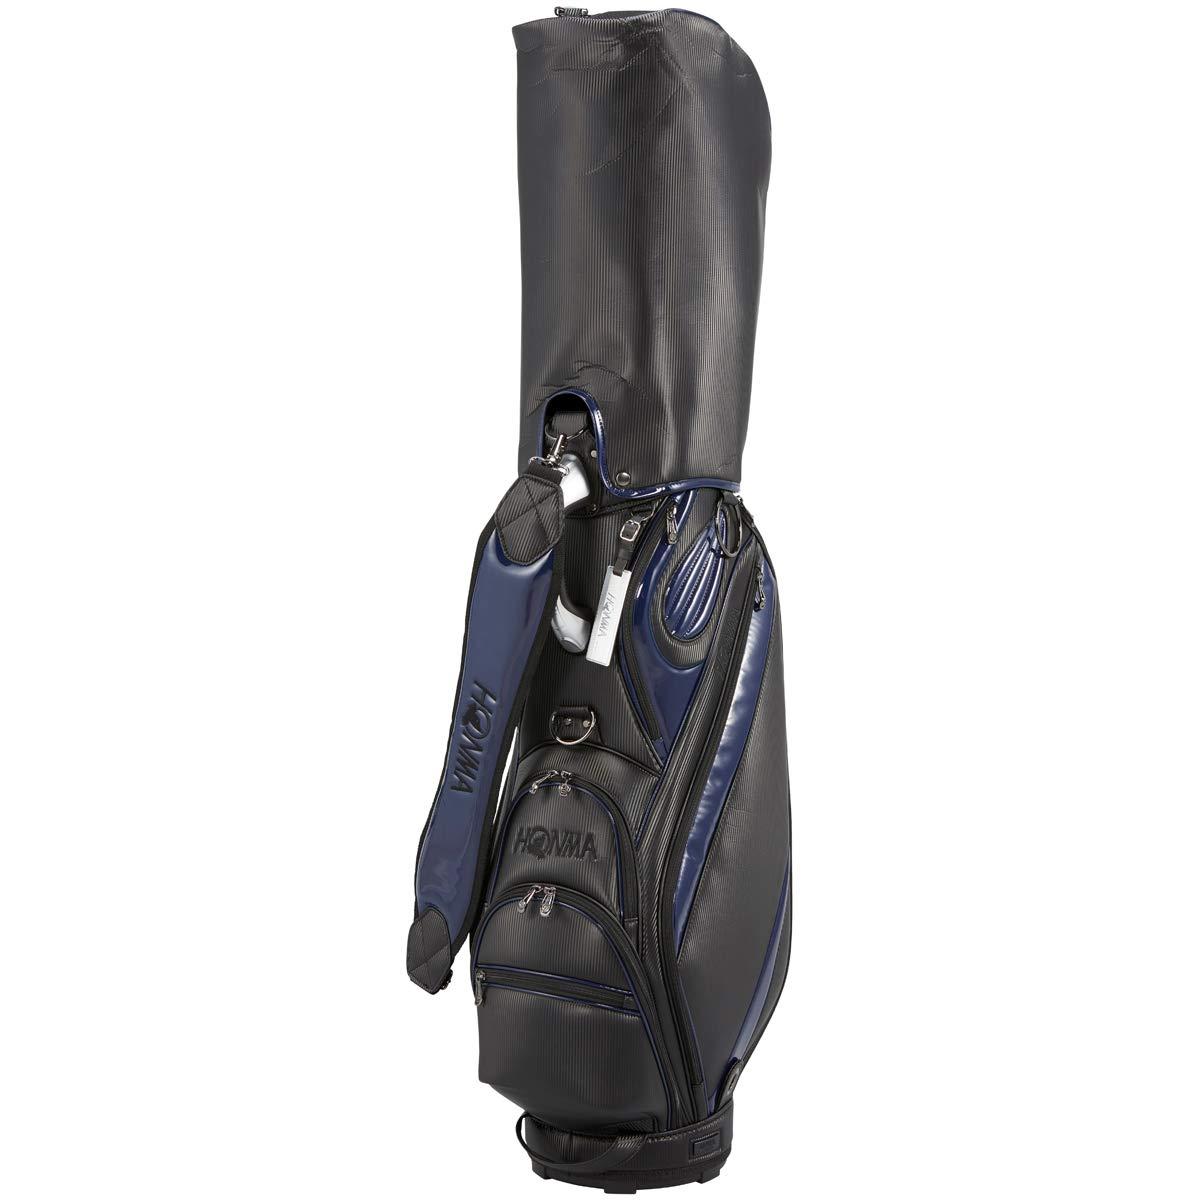 本間ゴルフ キャディーバッグ メンズ HONMA CB1914 メンズ 9 ブラック/ネイビー 本間ゴルフ 9 B07N22B5Y5, ショップハナテック:8fe8677f --- kapapa.site